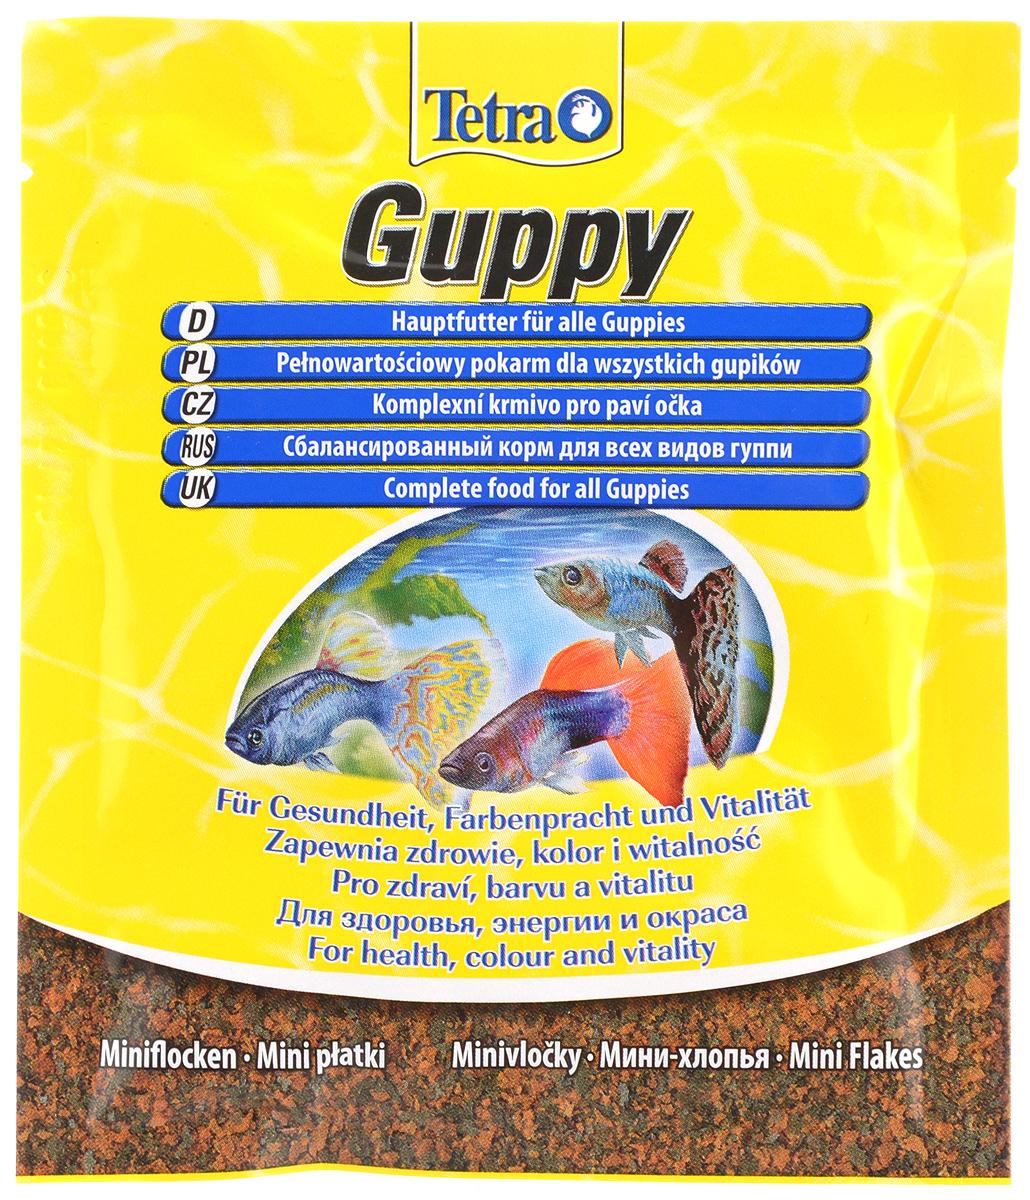 Корм для гуппи Tetra Guppy, мини-хлопья, 12 г193741Корм Tetra Guppy - сбалансированный корм в виде хлопьев для всех видов гуппи и иных живородящих рыб. Высокое содержание растительных ингредиентов и минералов для улучшения вкусовых качеств и роста. Ежедневное употребление питательного состава способствует улучшению иммунитета и развитию организма. Кормить несколько раз в день маленькими порциями. Состав: экстракты растительного белка, зерновые культуры, дрожжи, моллюски и раки, масла и жиры, водоросли, сахар, минеральные вещества. Аналитические компоненты: сырой белок - 45%, сырые масла и жиры - 8%, сырая клетчатка - 4%, содержание влаги - 8%. Товар сертифицирован.